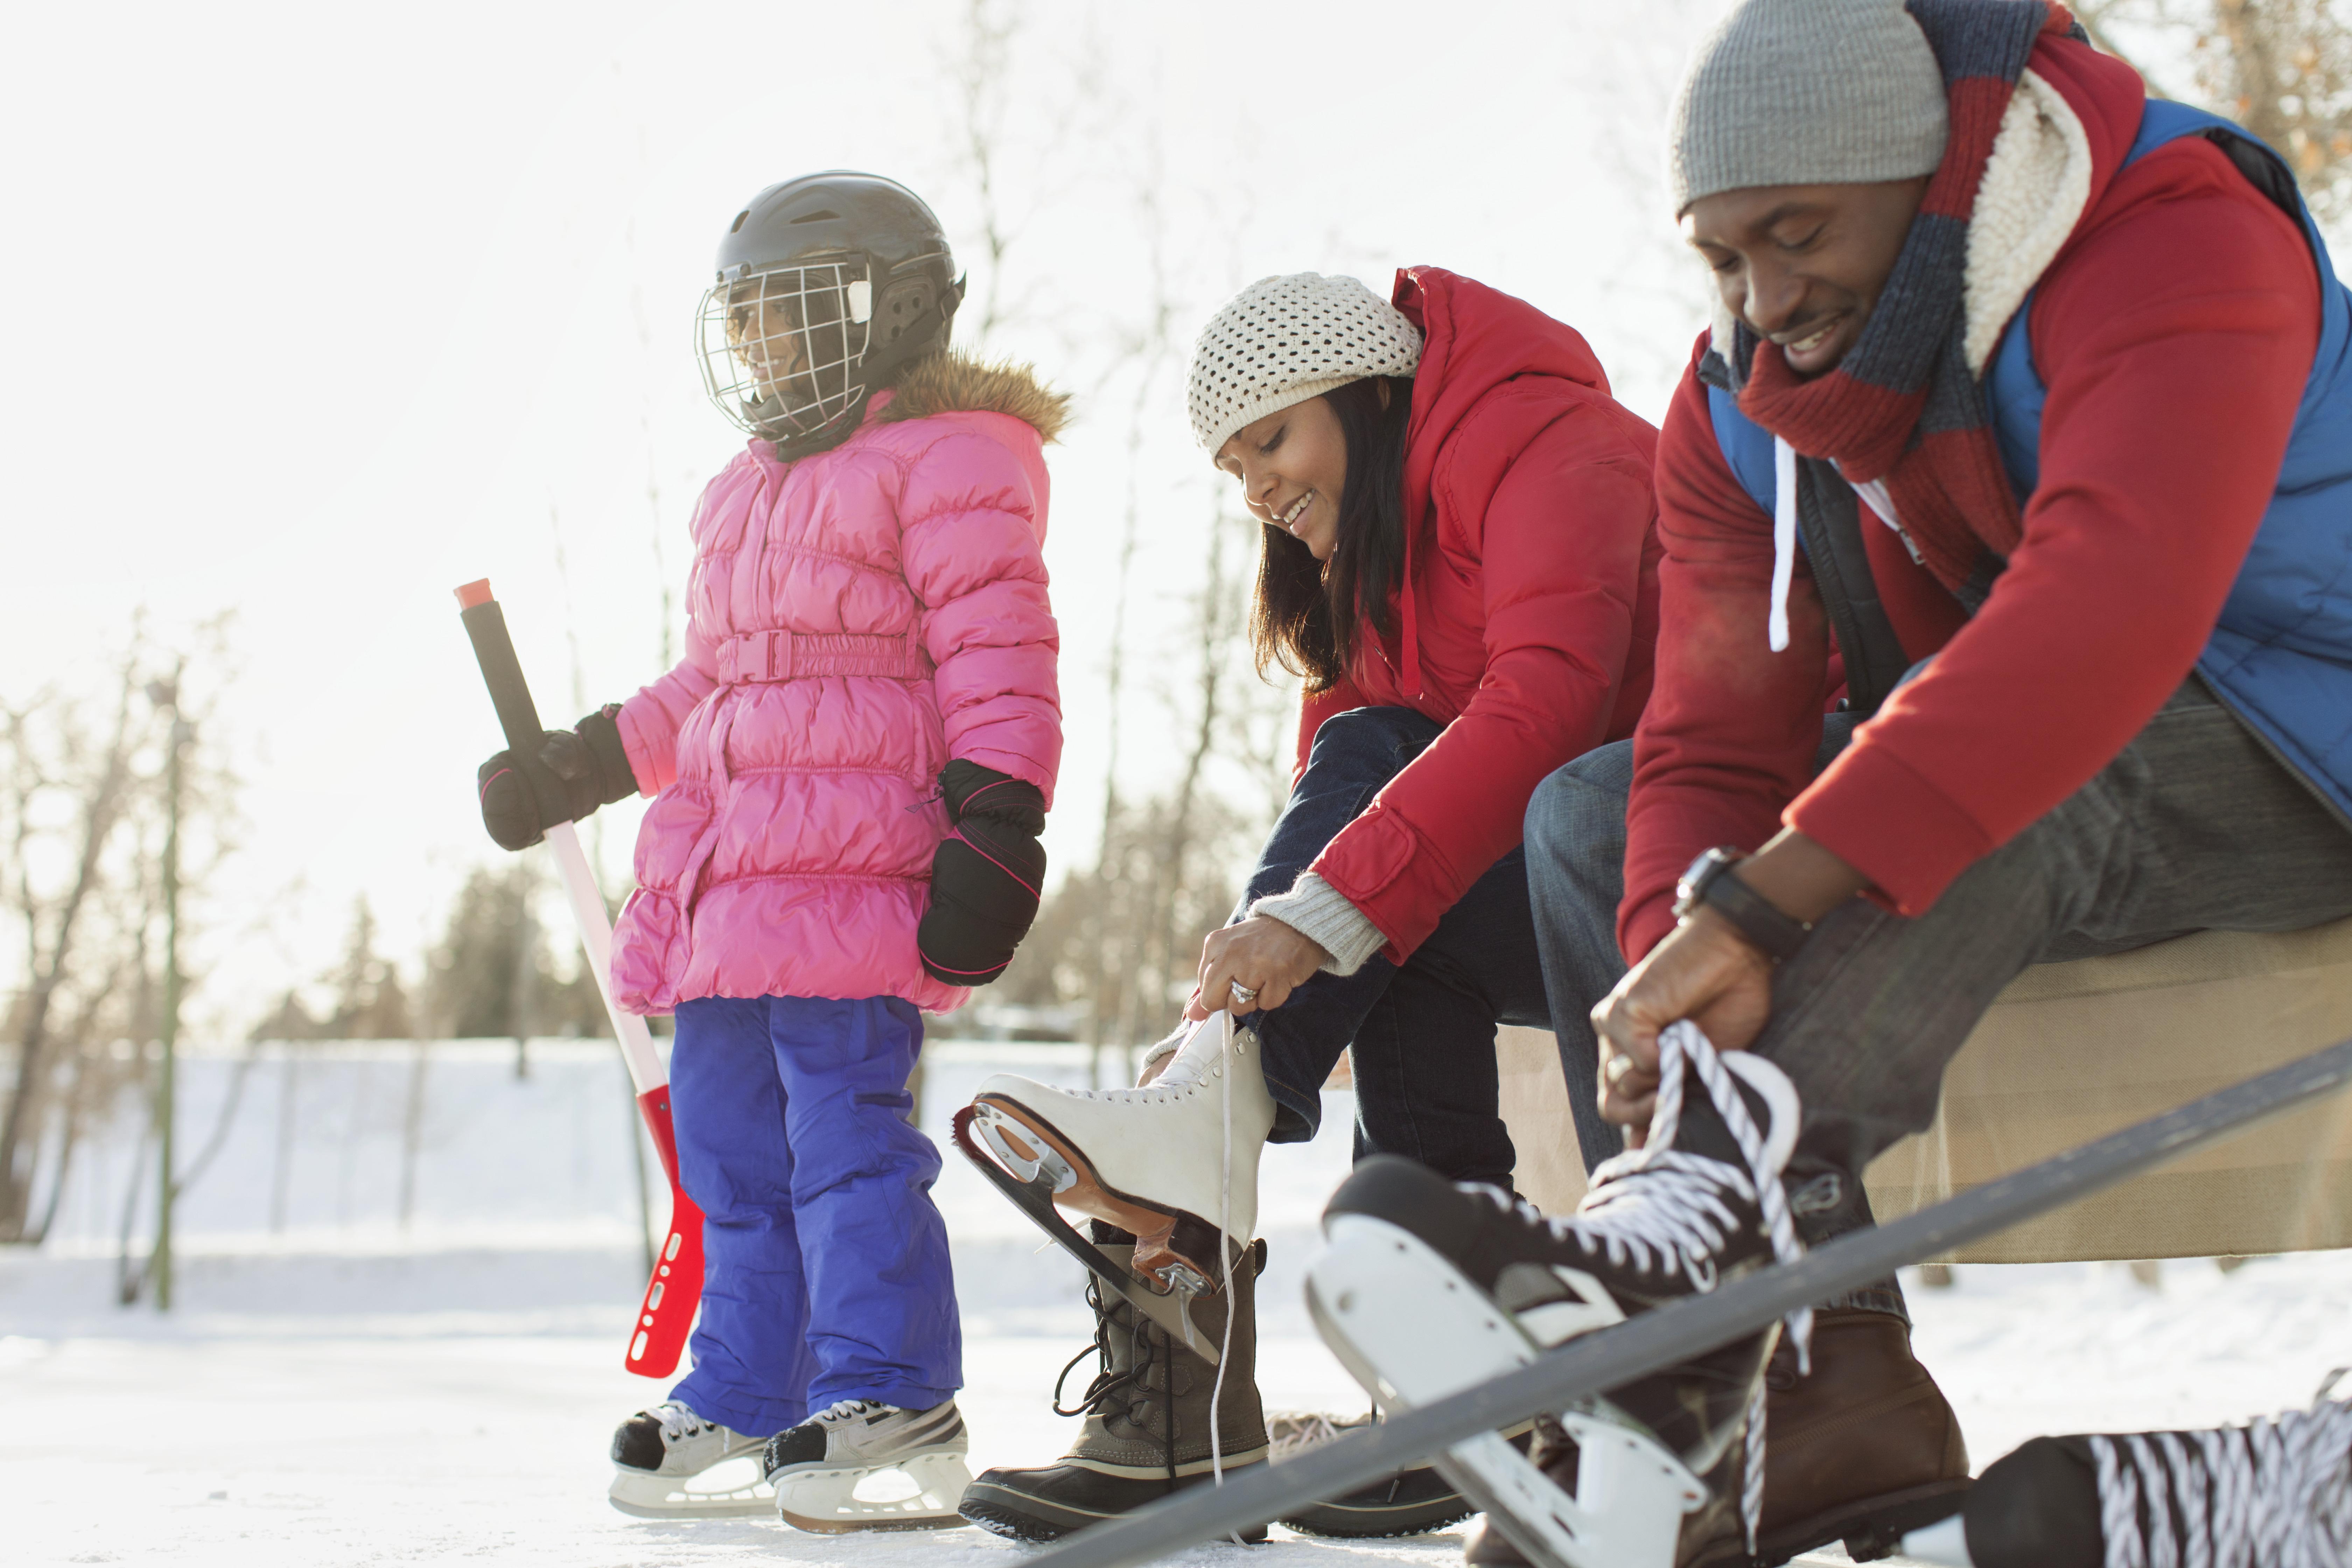 family preparing to ice skate